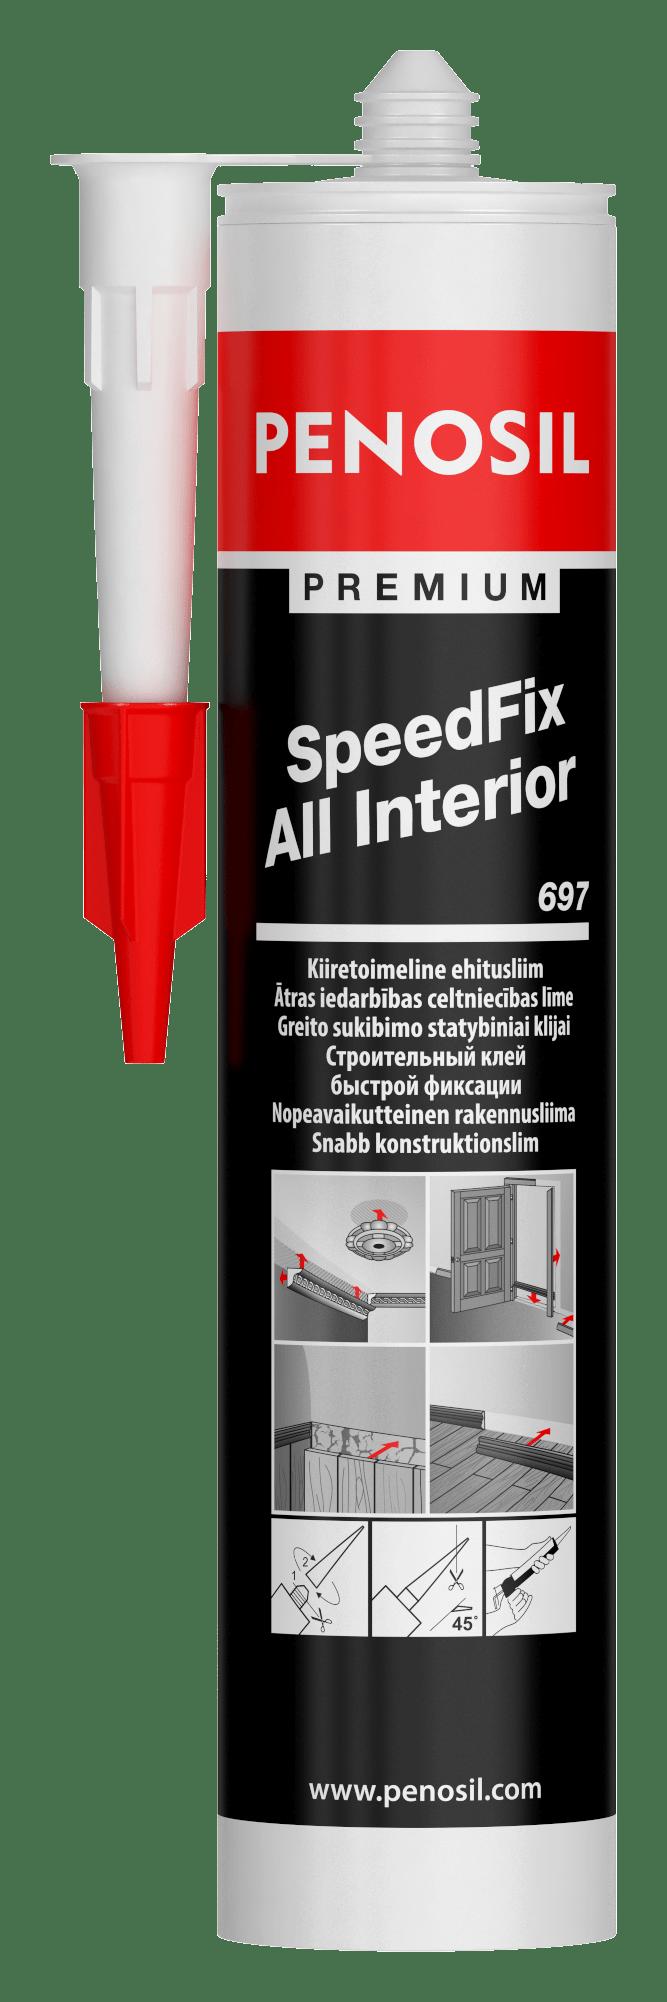 Penosil SpeedFix All Interior 697 adhesive